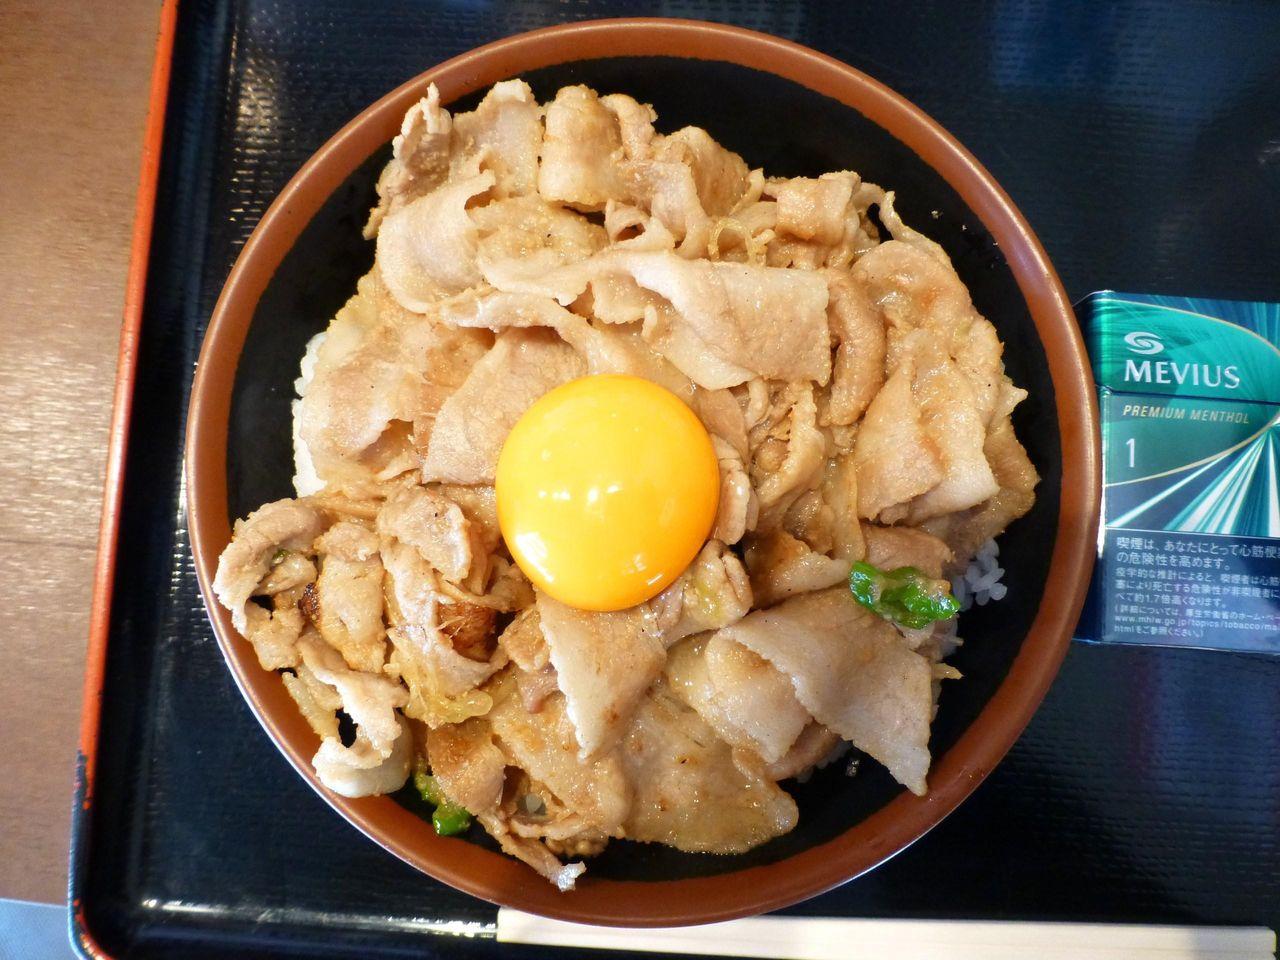 スタミナ丼メガ盛りは、直径18センチの丼を使用!